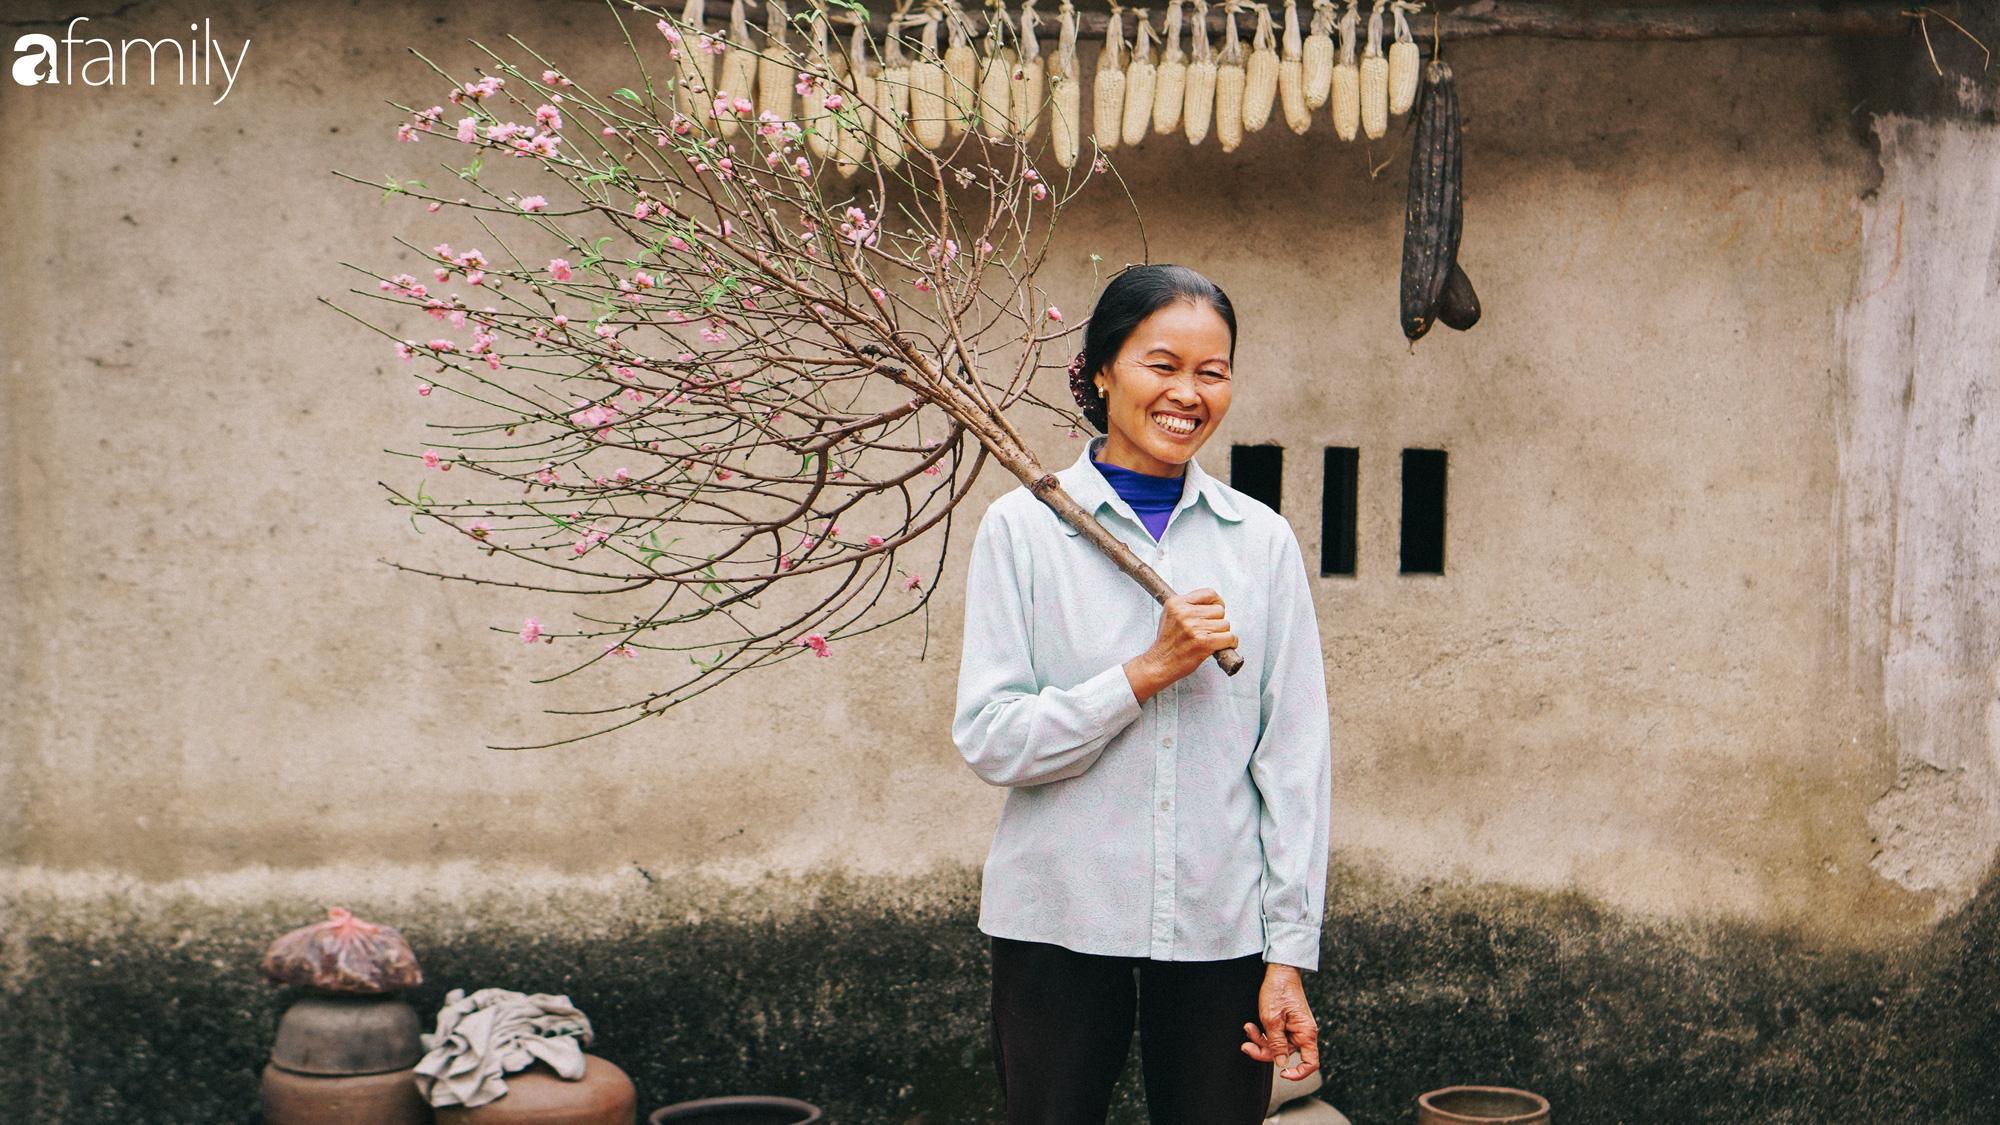 """Gặp hai mẹ con """"Ẩm thực mẹ làm"""" sau 1 năm nổi tiếng: Nếp nhà vẫn như xưa, mảnh vườn thì lớn hơn và hai mẹ con cùng phấn đấu triệu sub cho năm sau - Ảnh 12."""